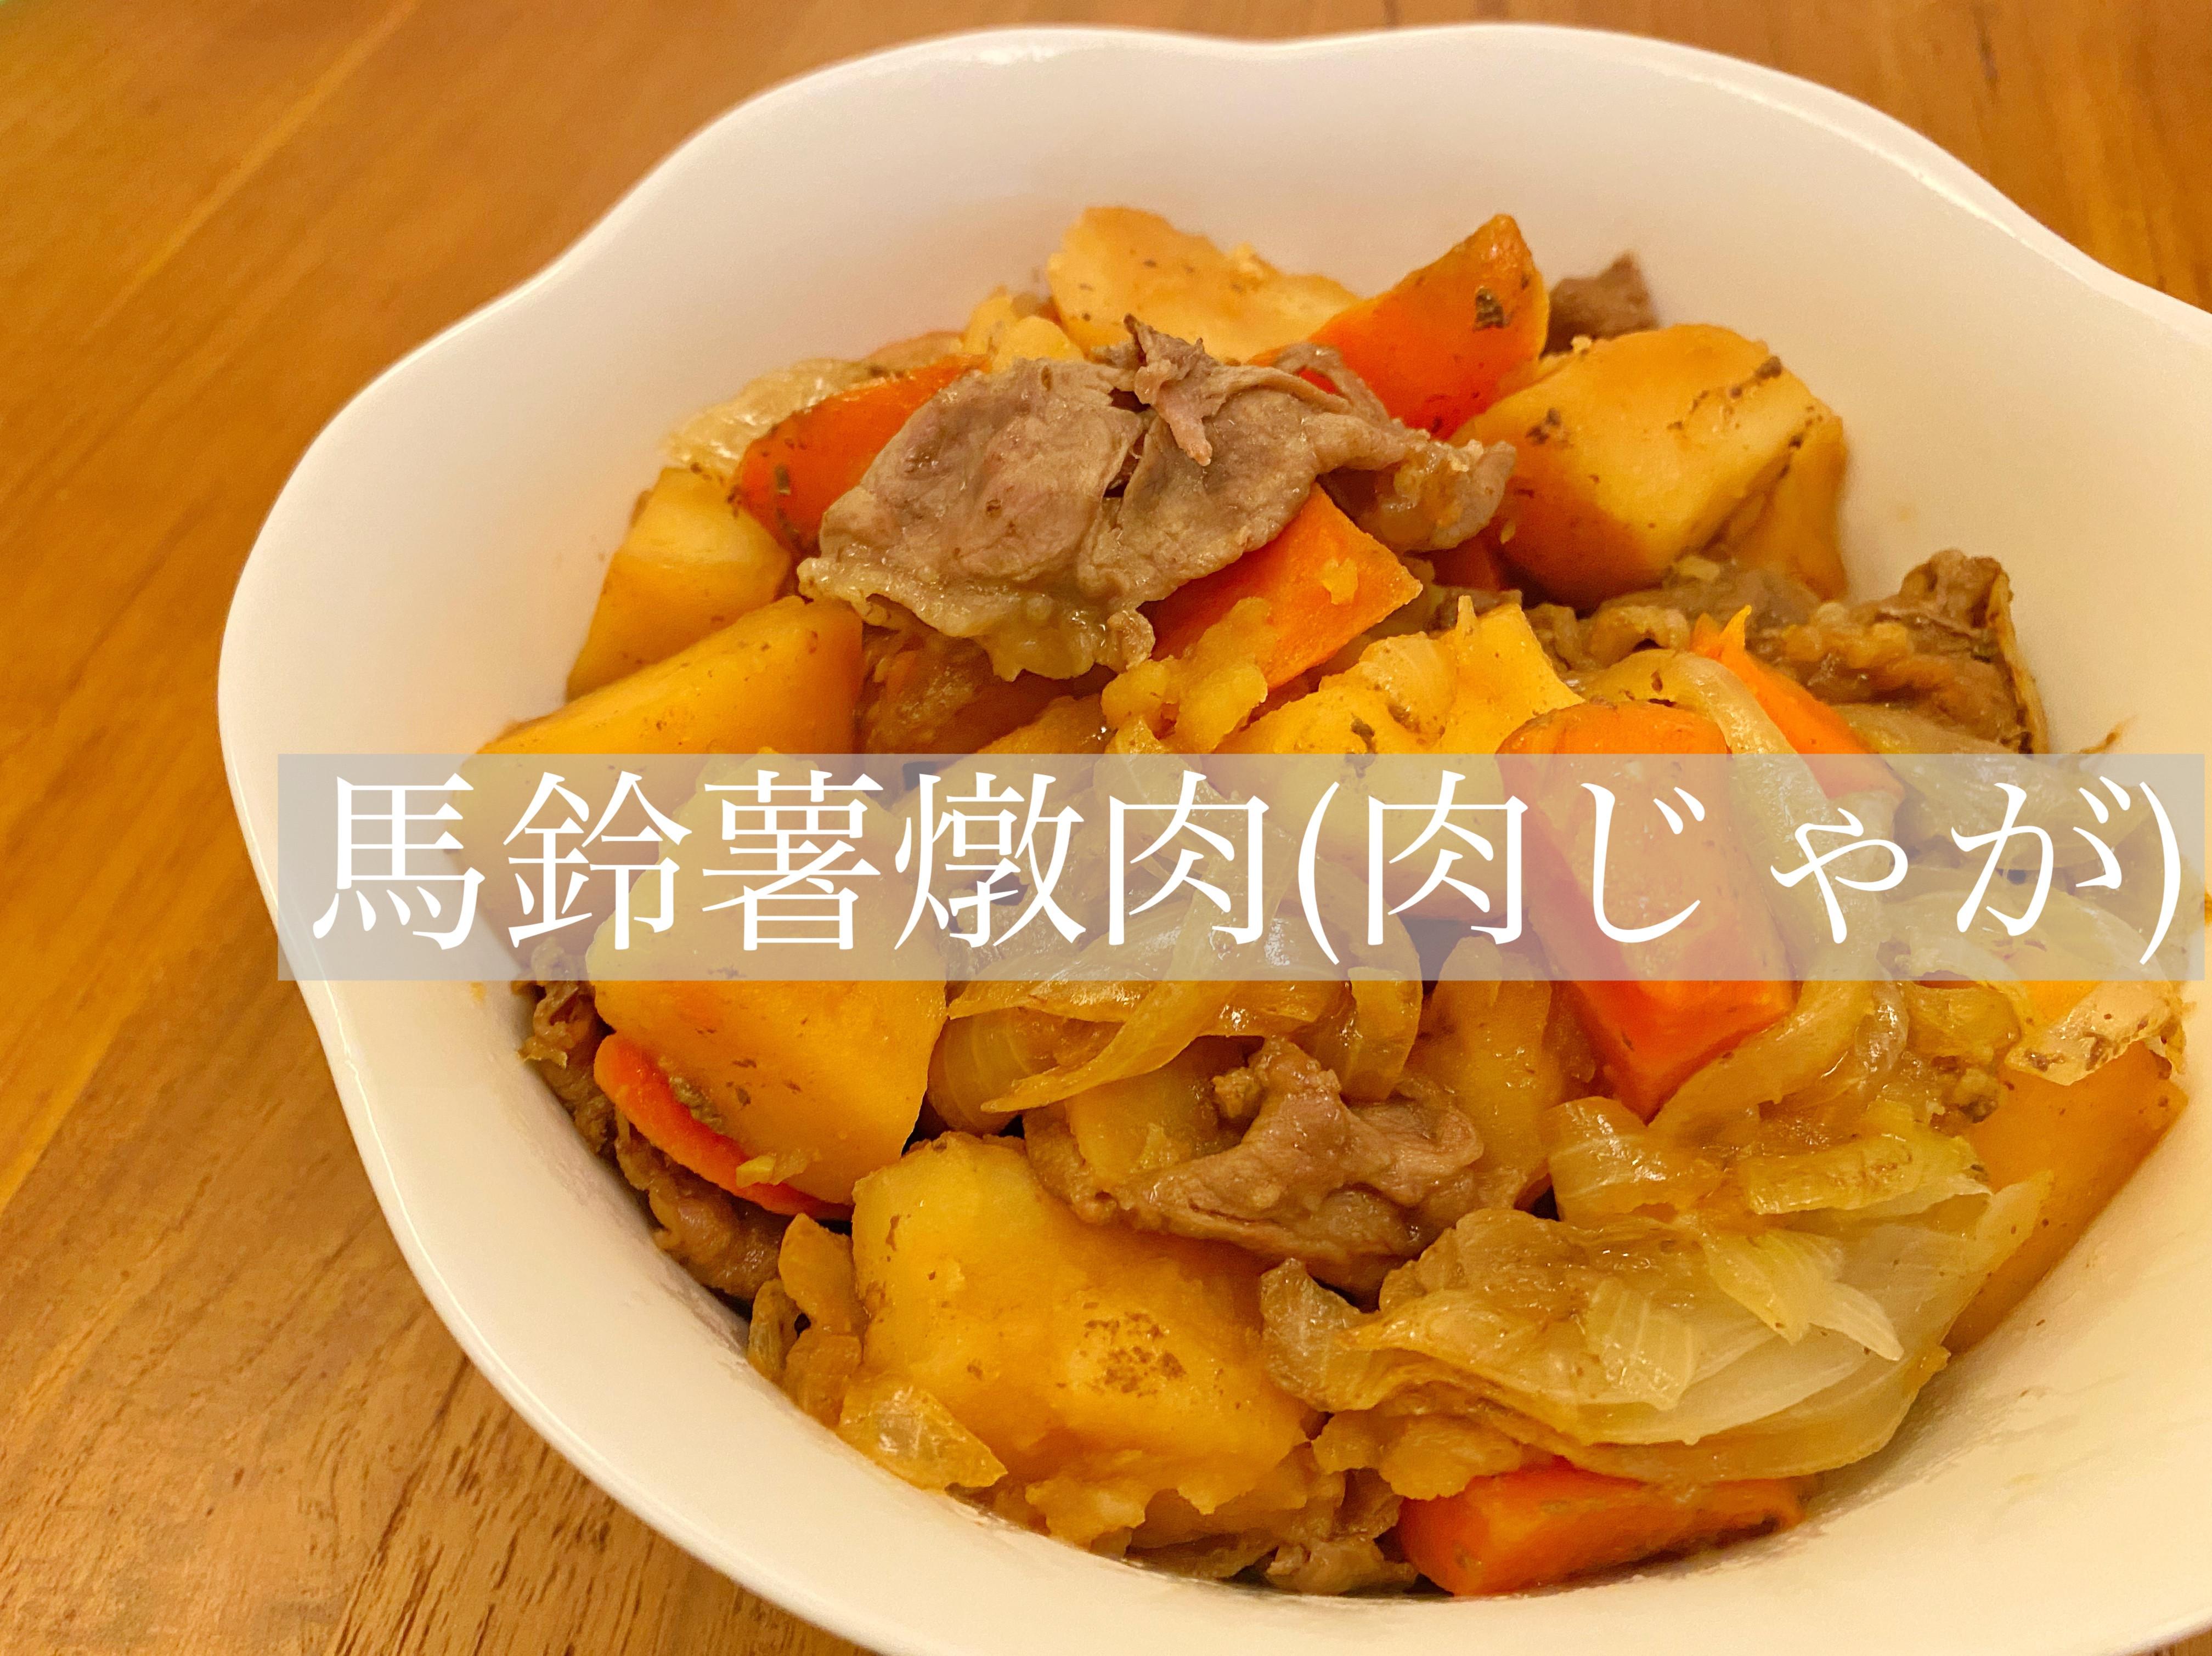 馬鈴薯燉肉(肉じゃが)-電飯鍋料理